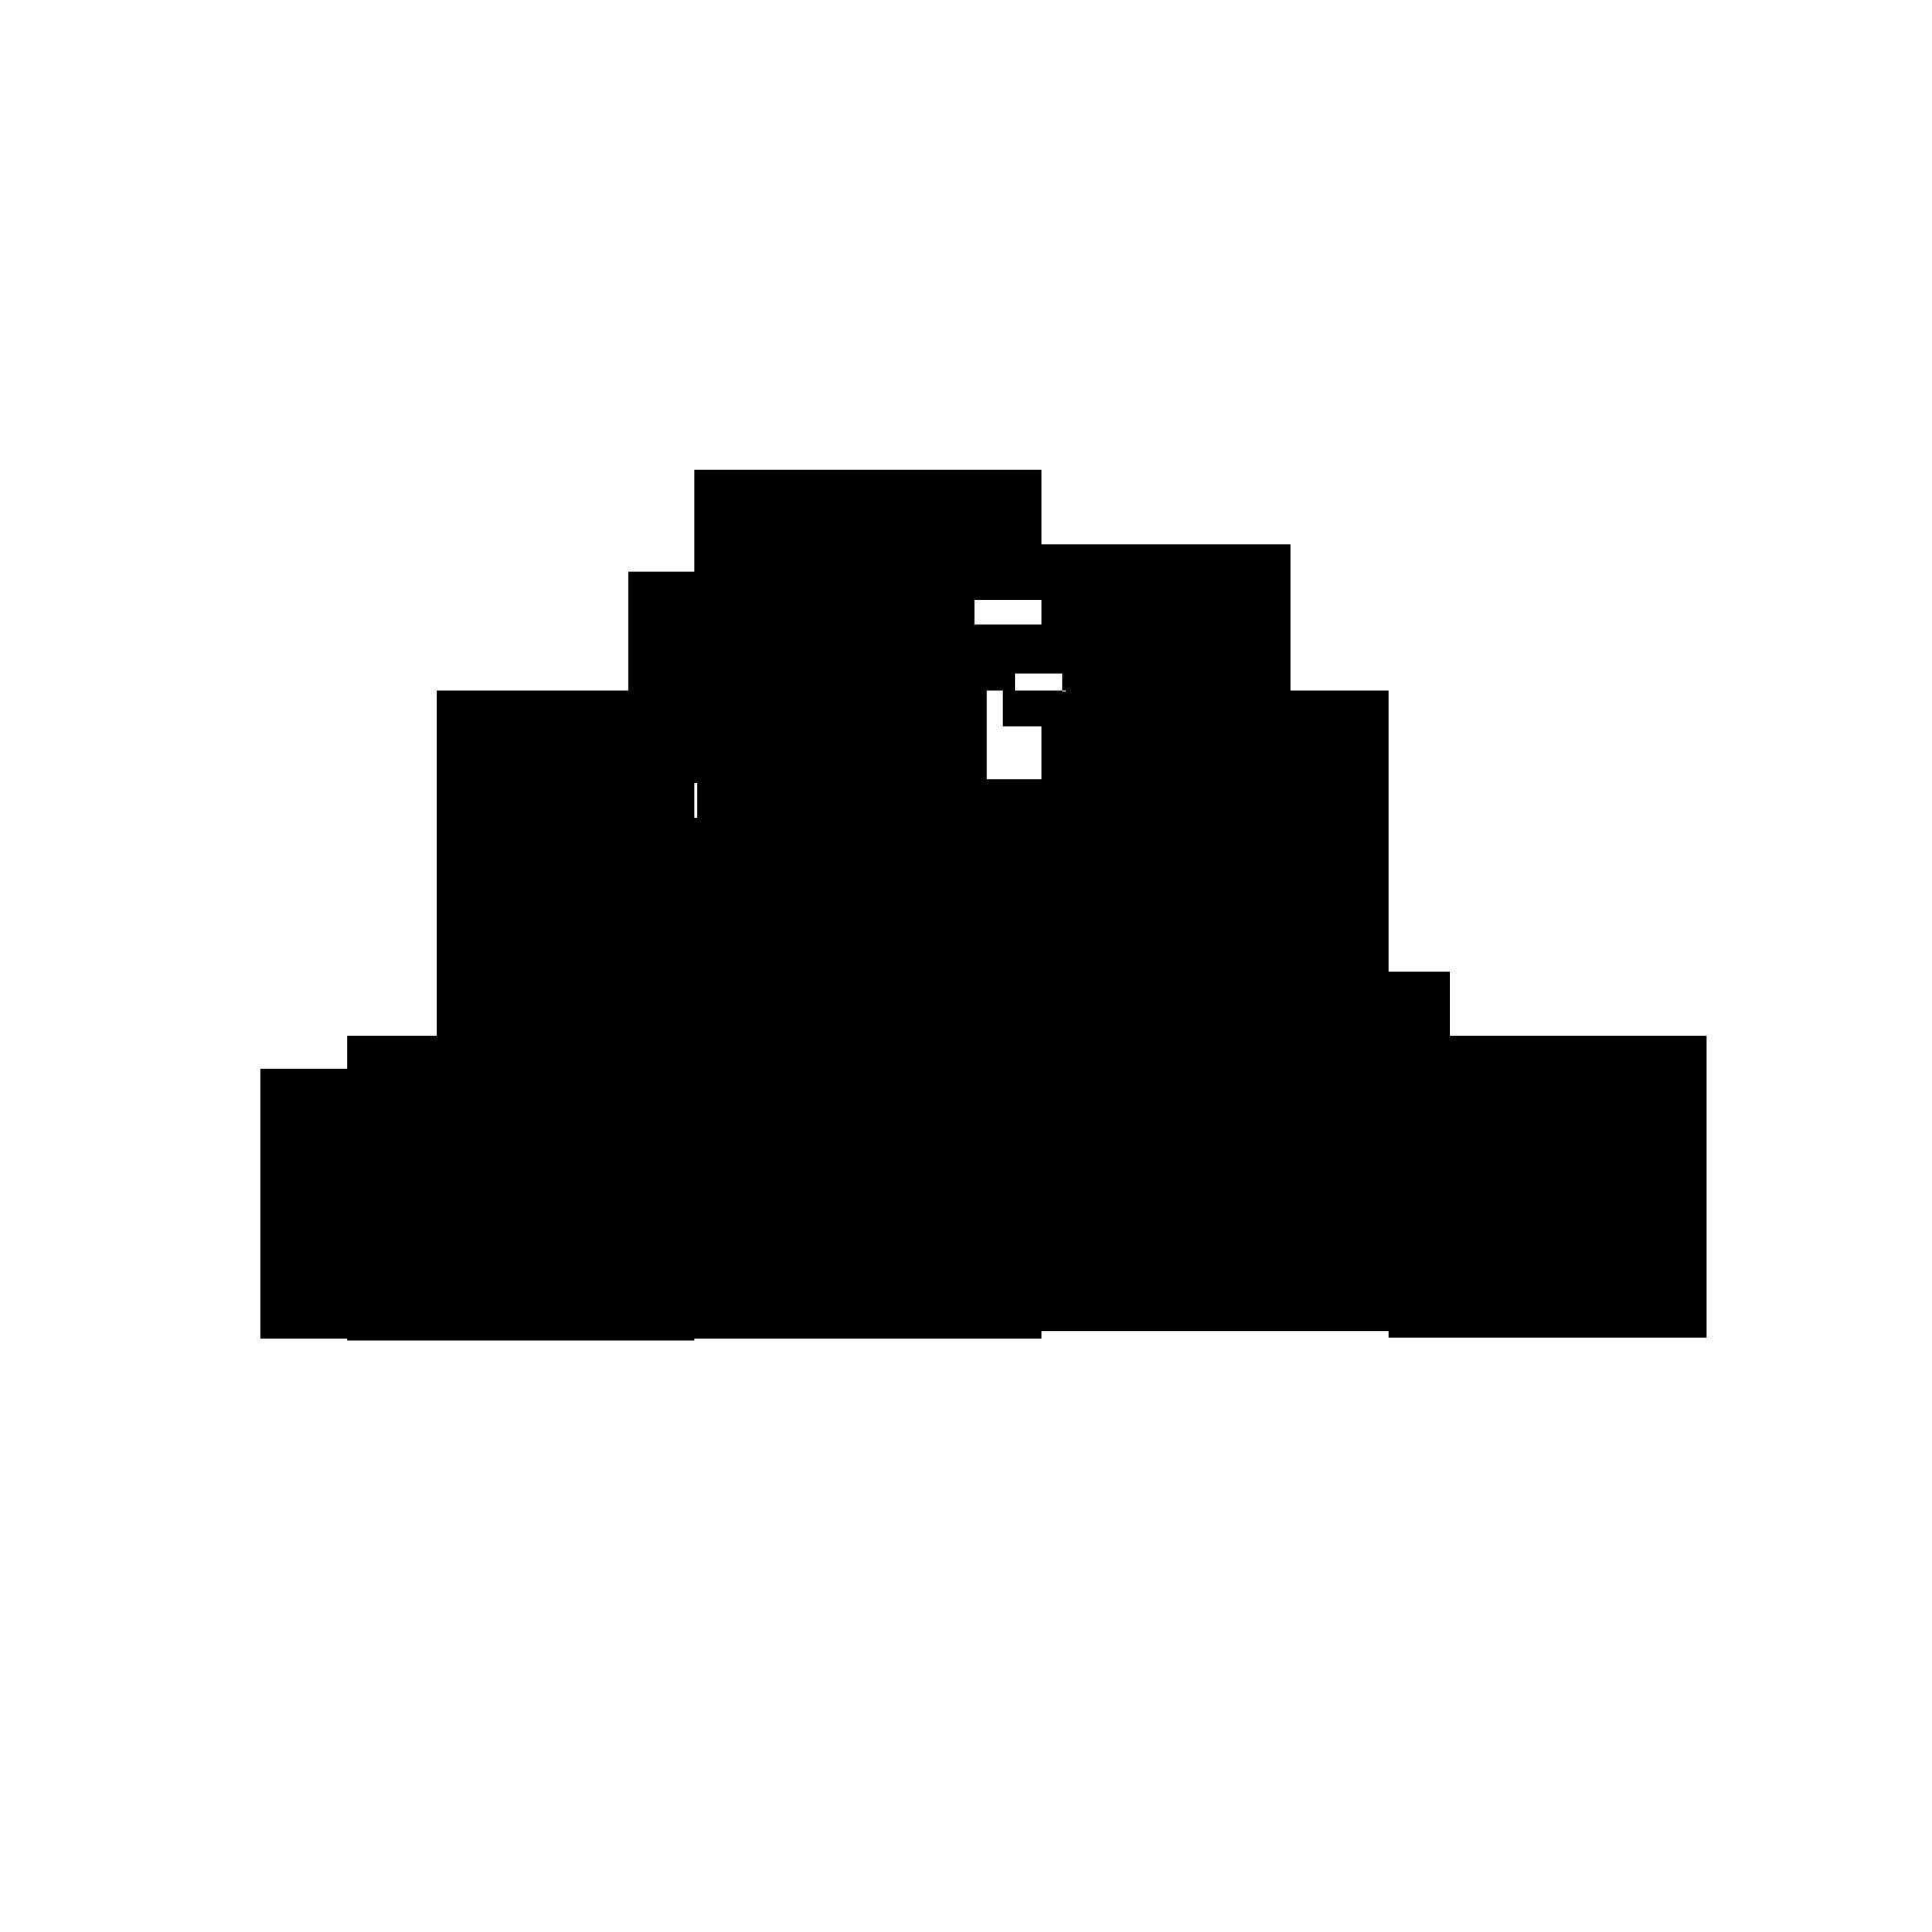 Qrxkbf57ttckckxicbu2